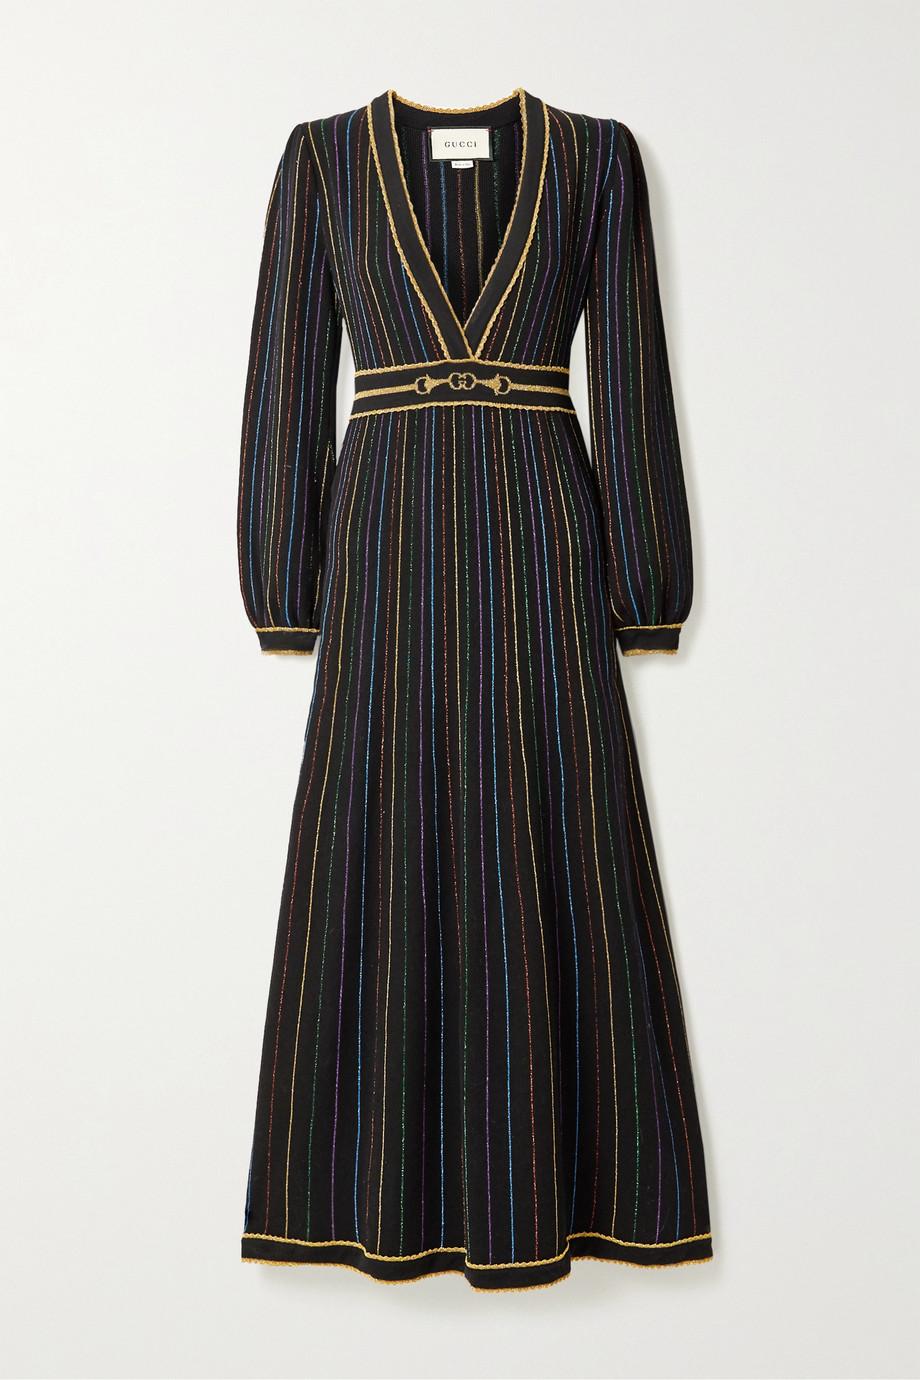 Gucci Metallic intarsia wool-blend maxi dress